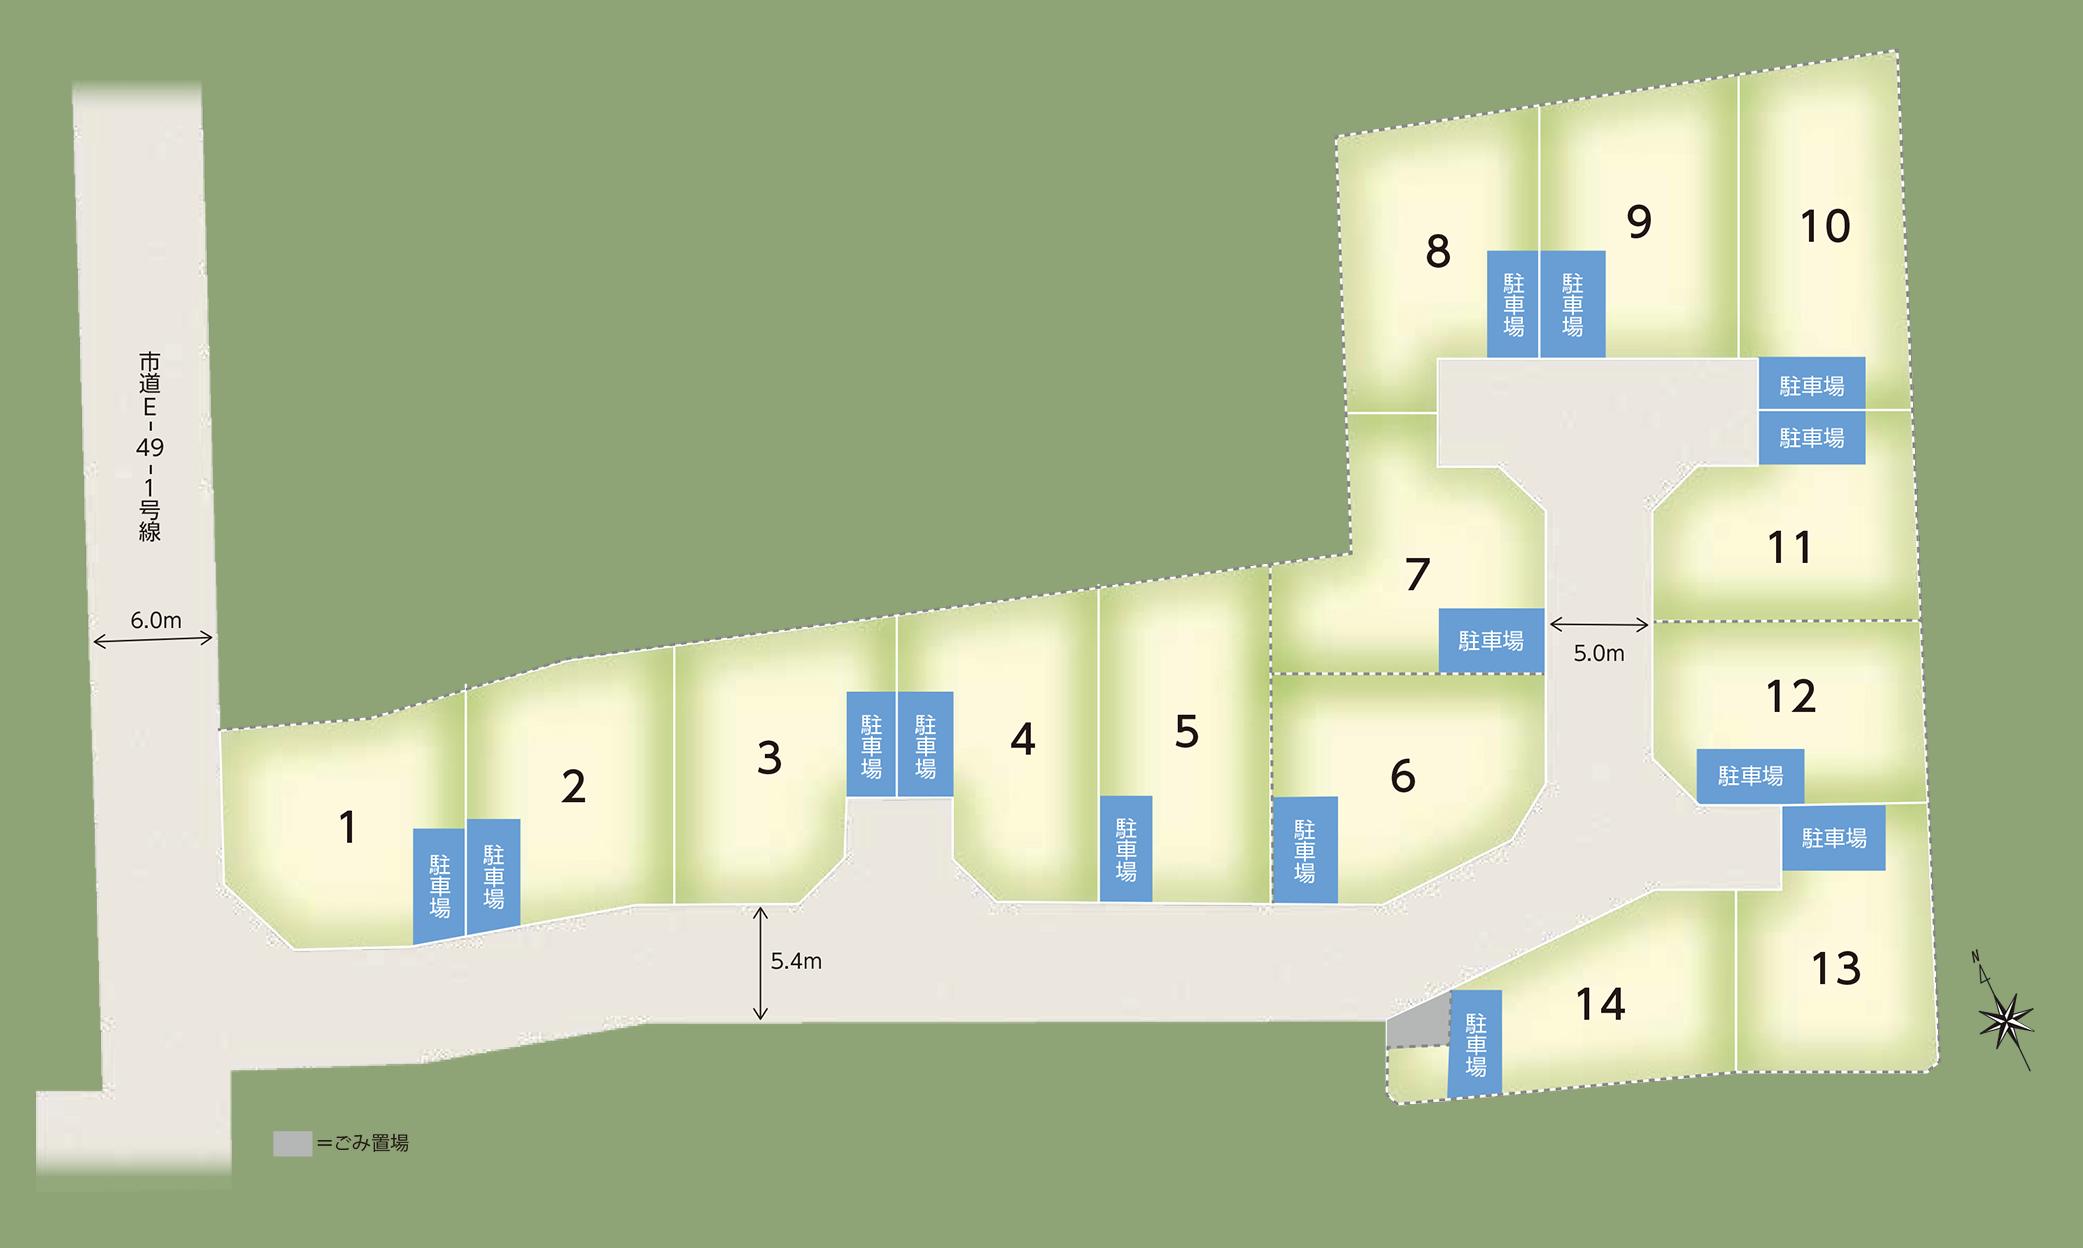 ブルームシティ戸室区画図